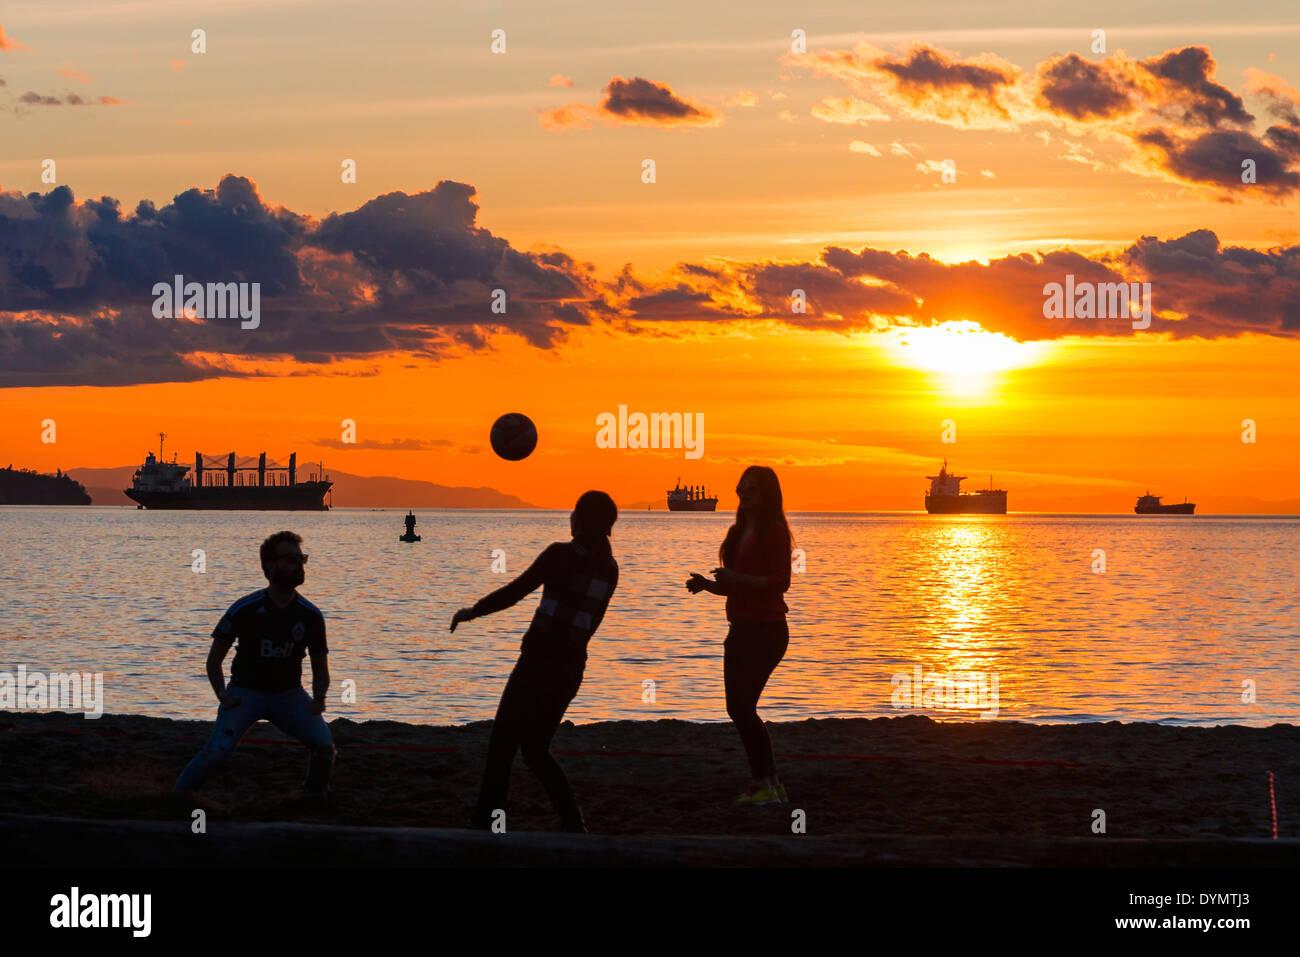 Eine Partie Beach-Volleyball bei Sonnenuntergang, Englisch Bay Beach, Vancouver, Britisch-Kolumbien, Kanada Stockbild